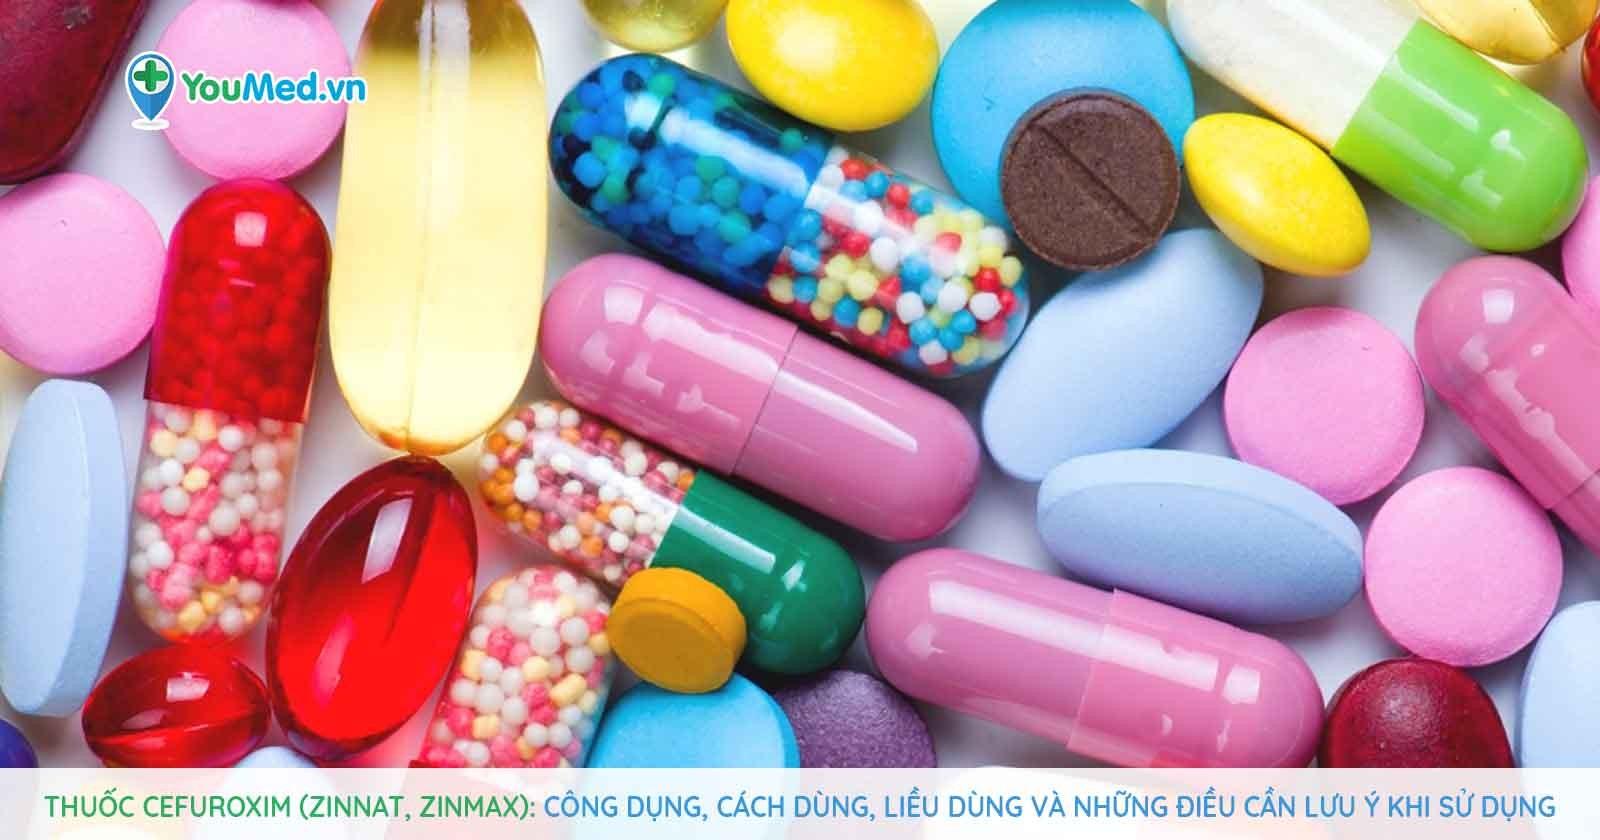 Thuốc Zinnat: công dụng, cách dùng, liều dùng và những điều cần lưu ý khi sử dụng